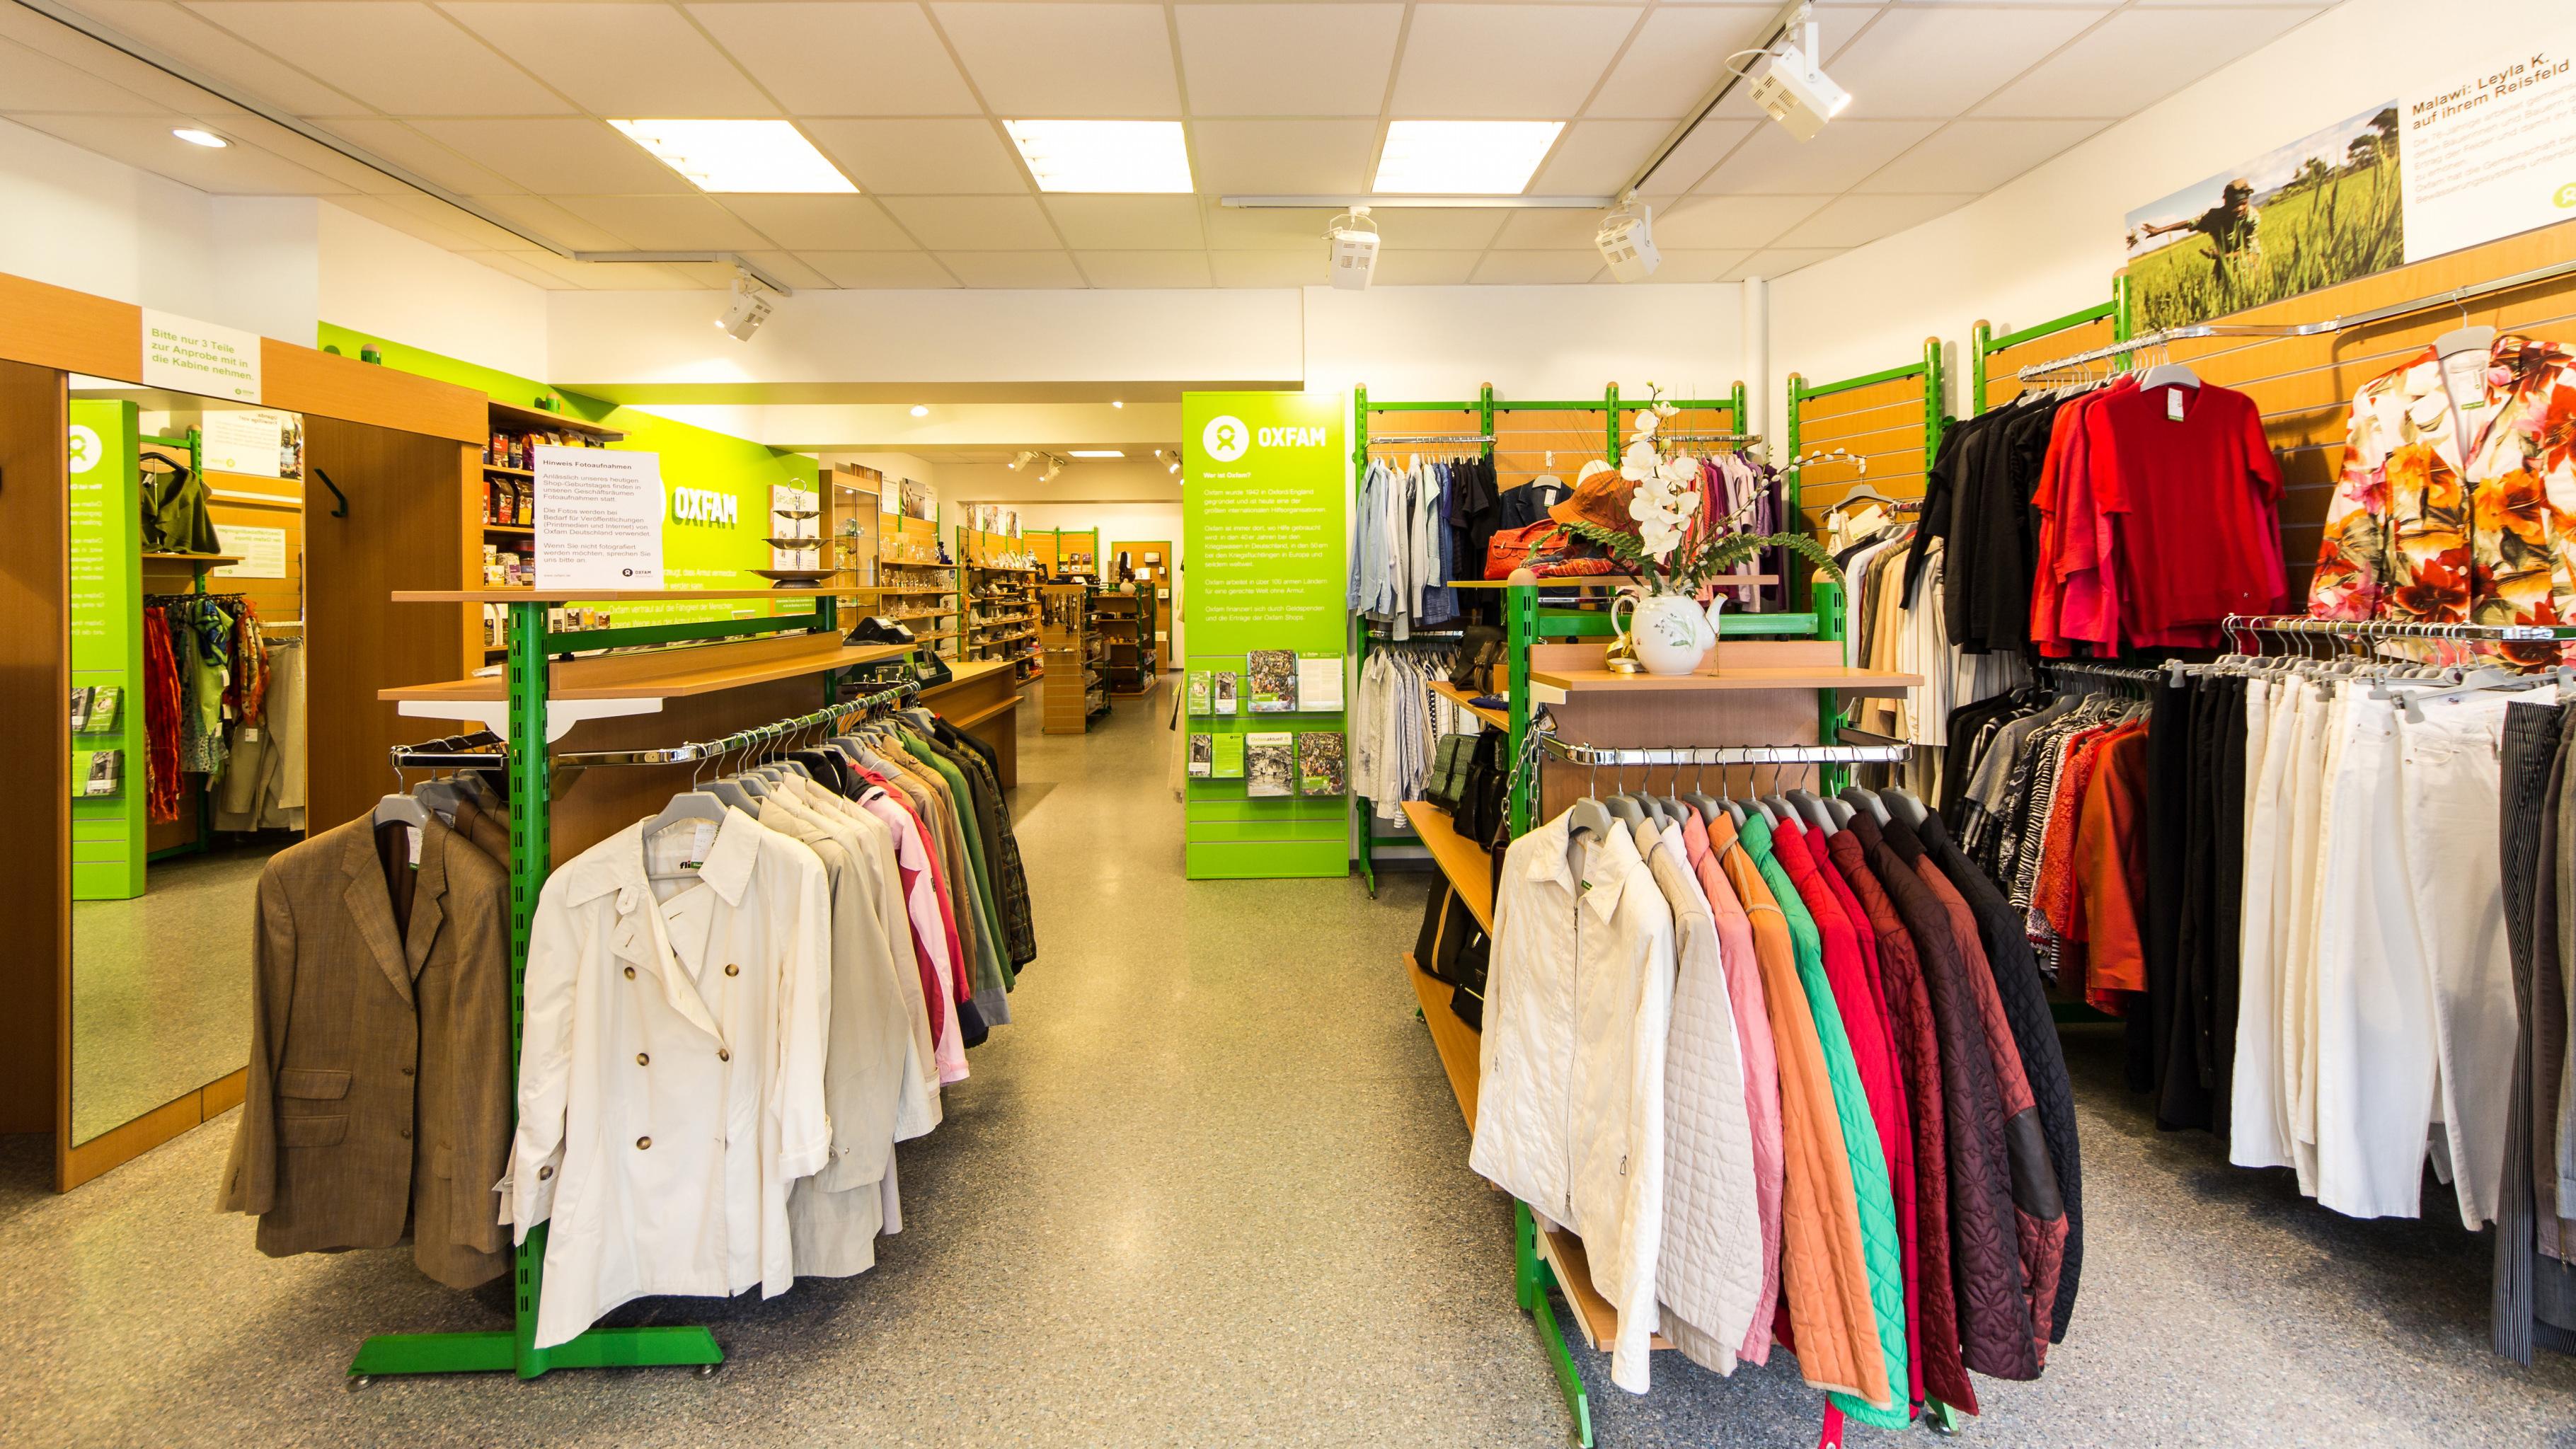 Oxfam Shop Hannover - Innenansicht